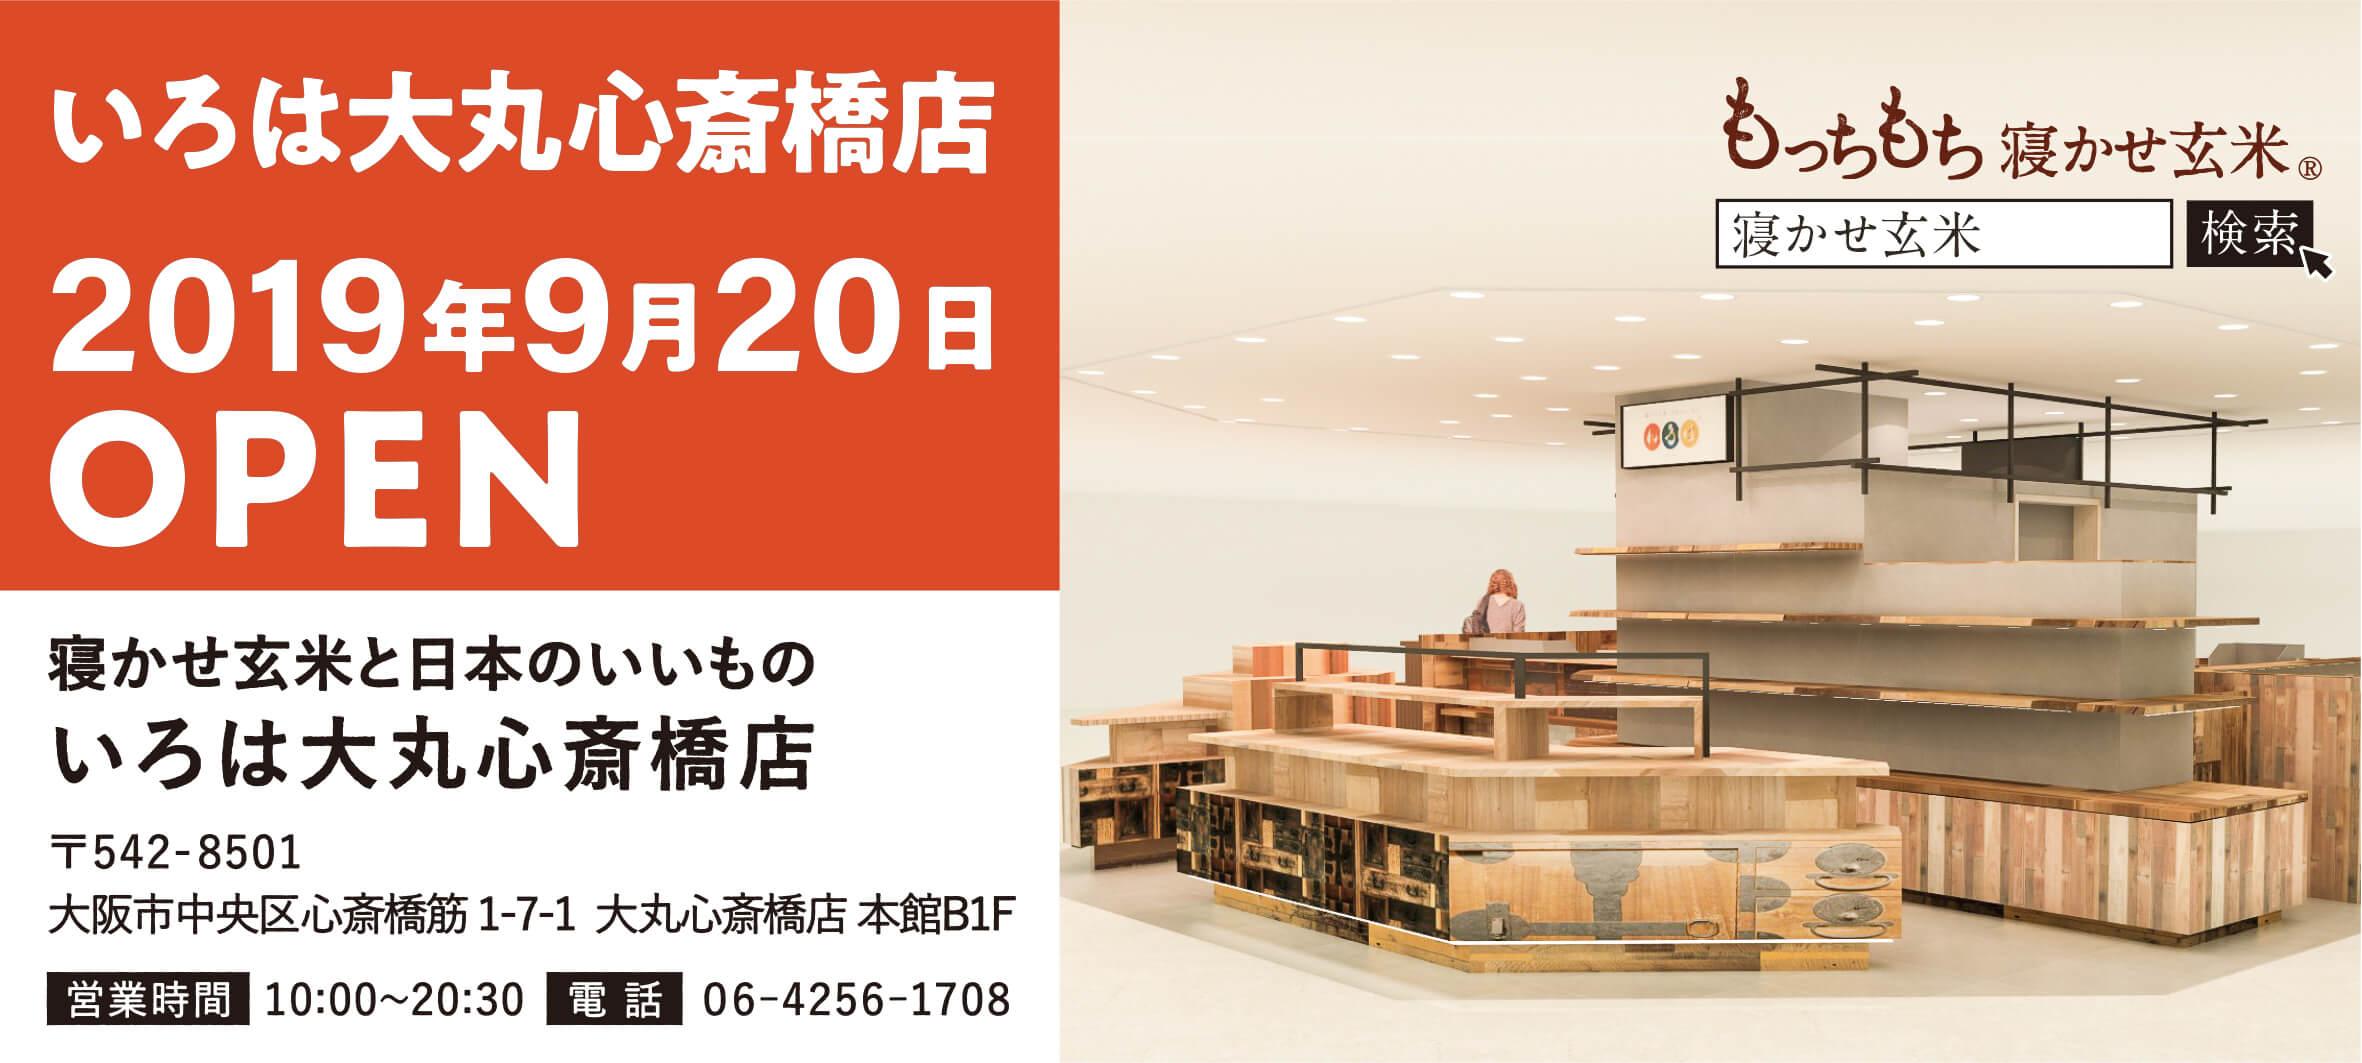 バナー_大丸心斎橋 (1)